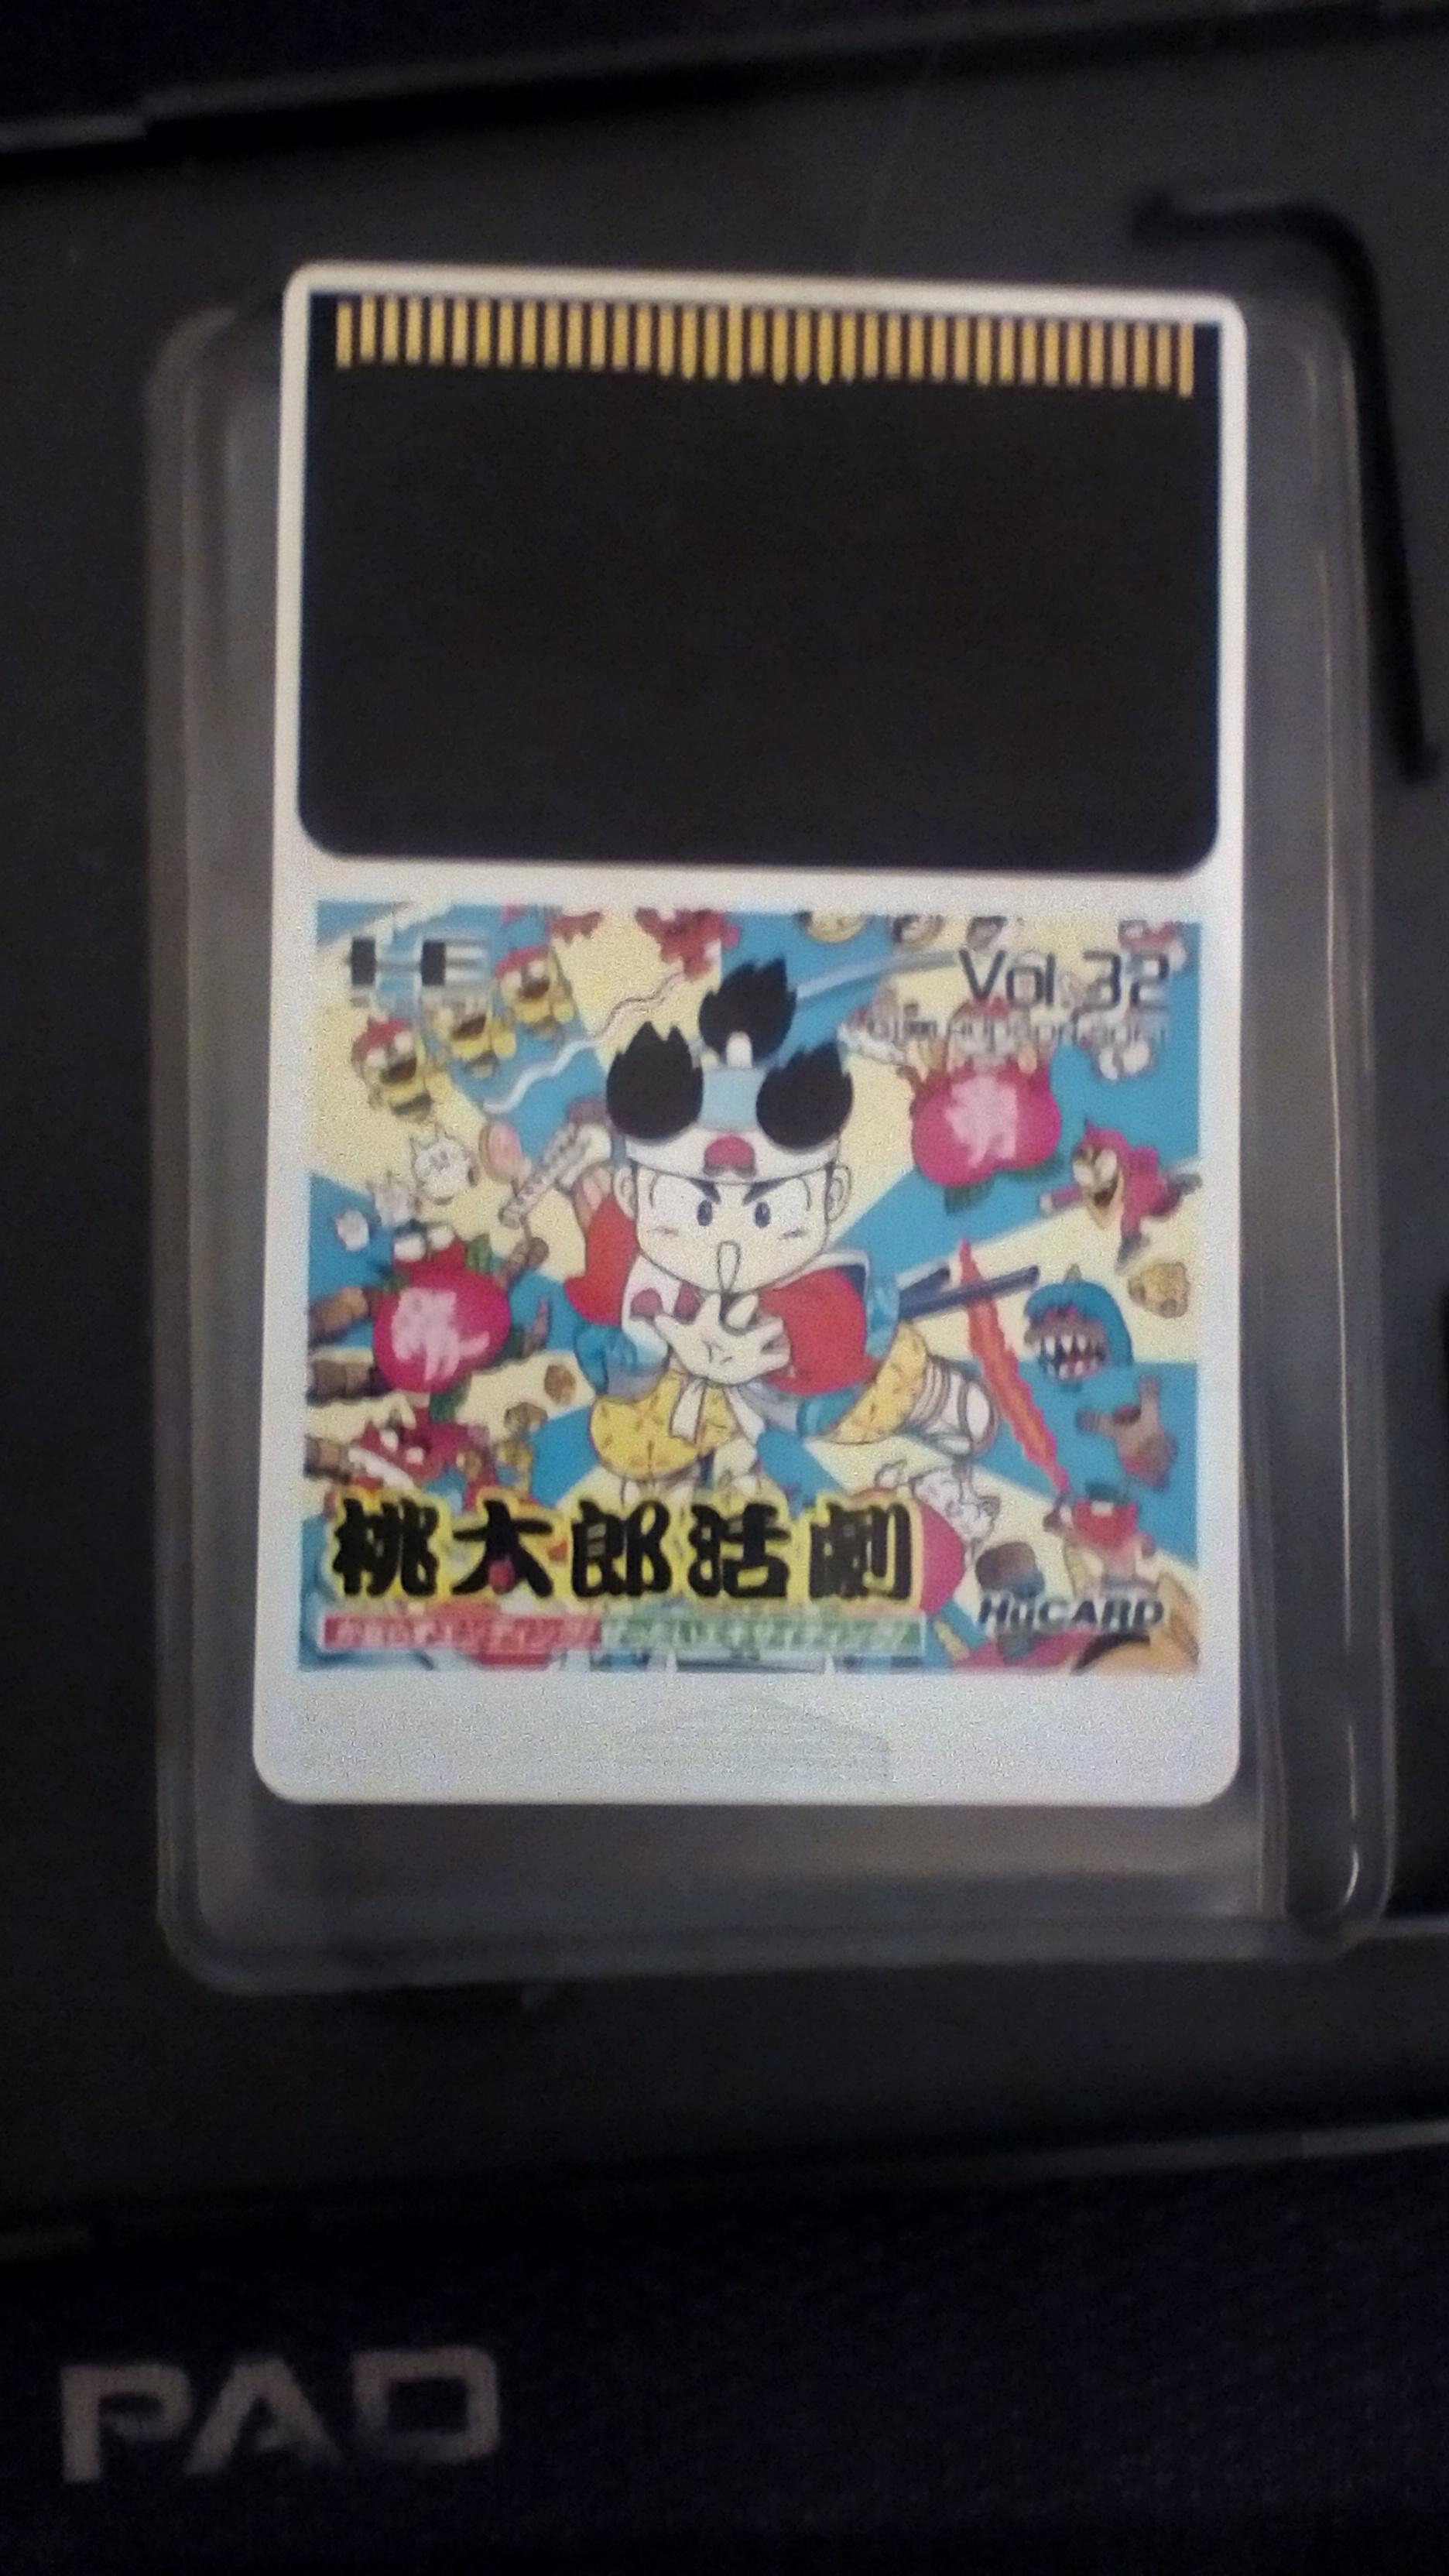 Shop/Ech Gold - Jeux GBA US - Dragon Valor PS1 - JDR Papier - Jeux DS - Zelda 171007030258528132